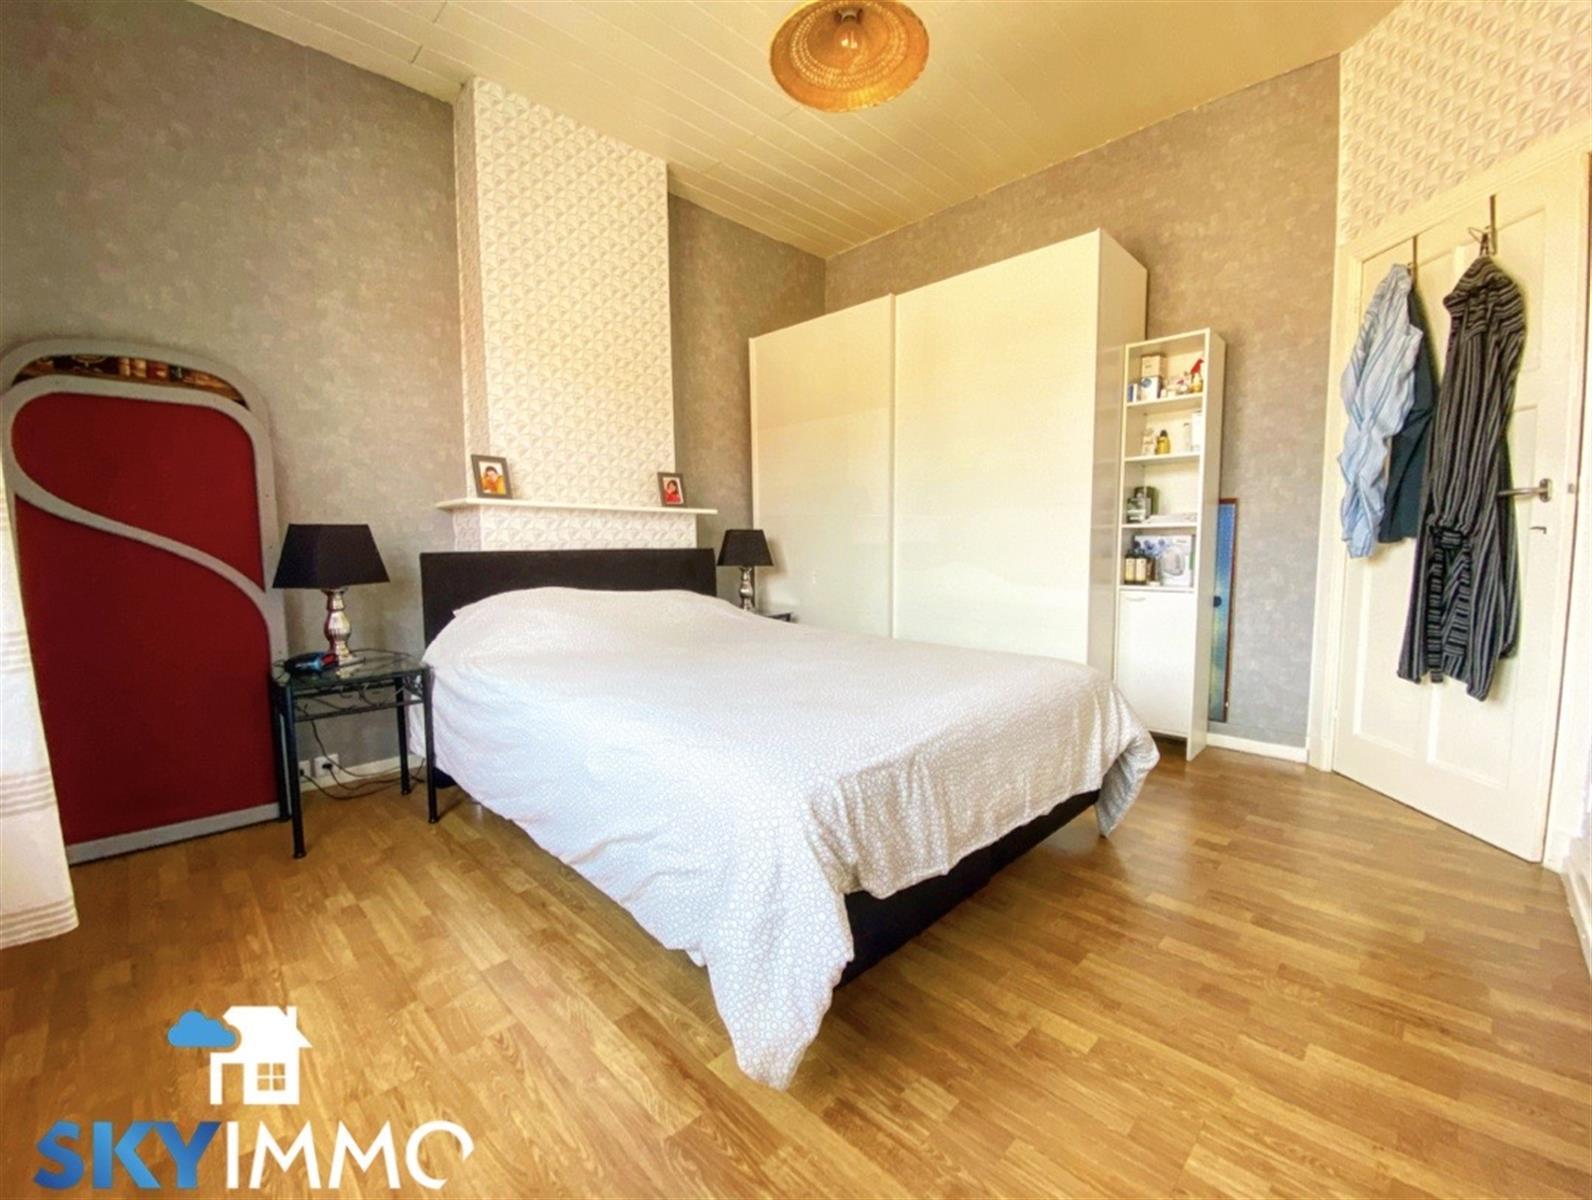 Maison - Liege - #4147640-23